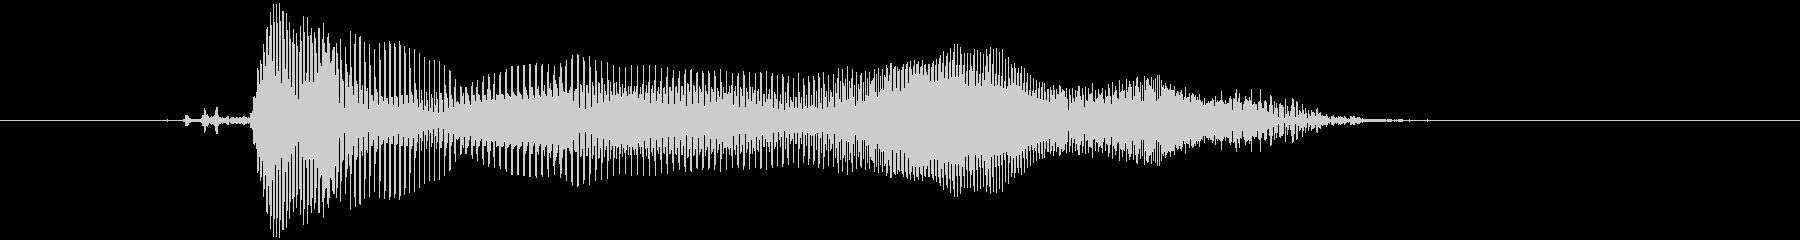 「このーっ!」の未再生の波形